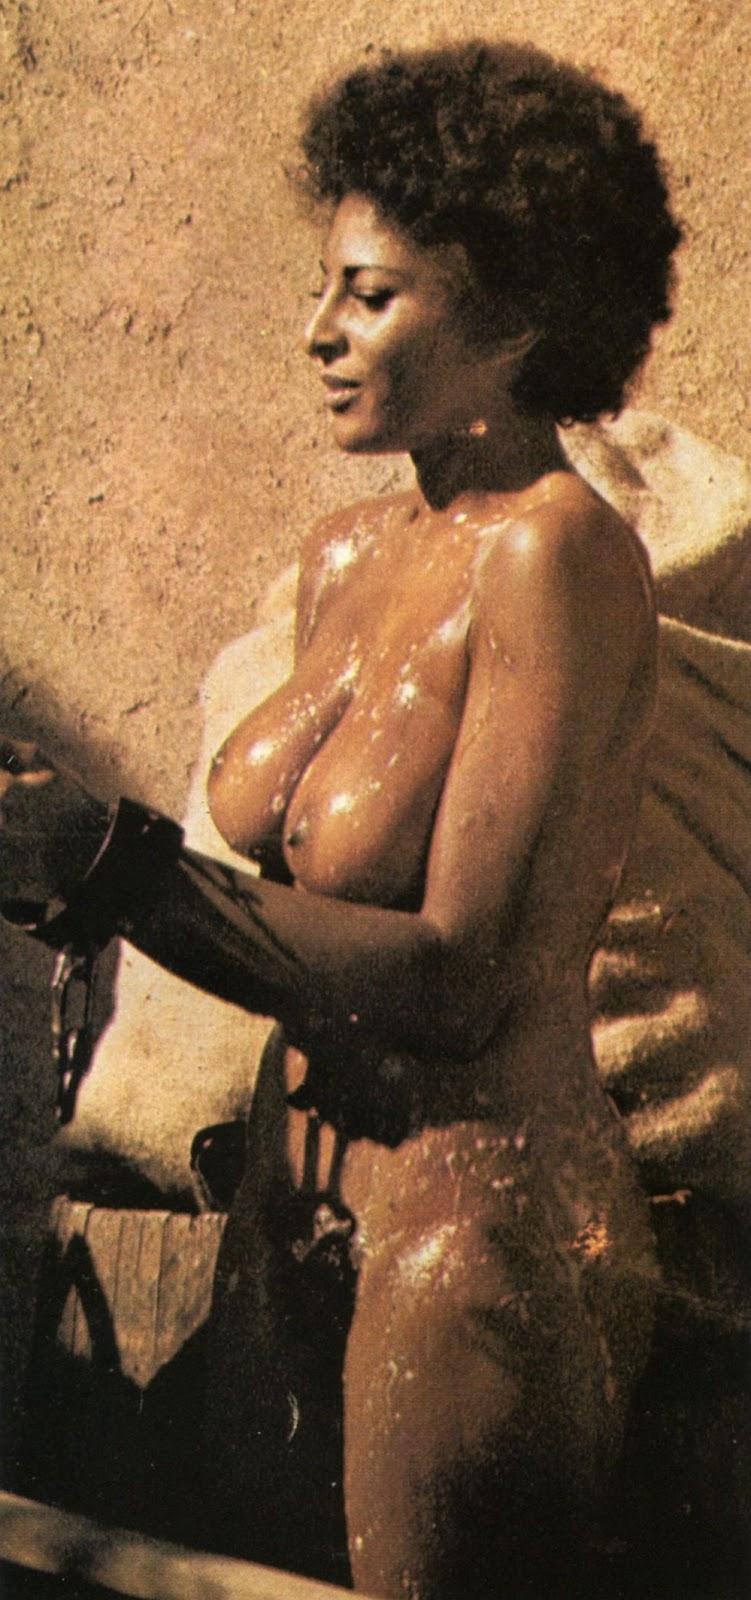 Секс с пем гриер бесплатно 19 фотография